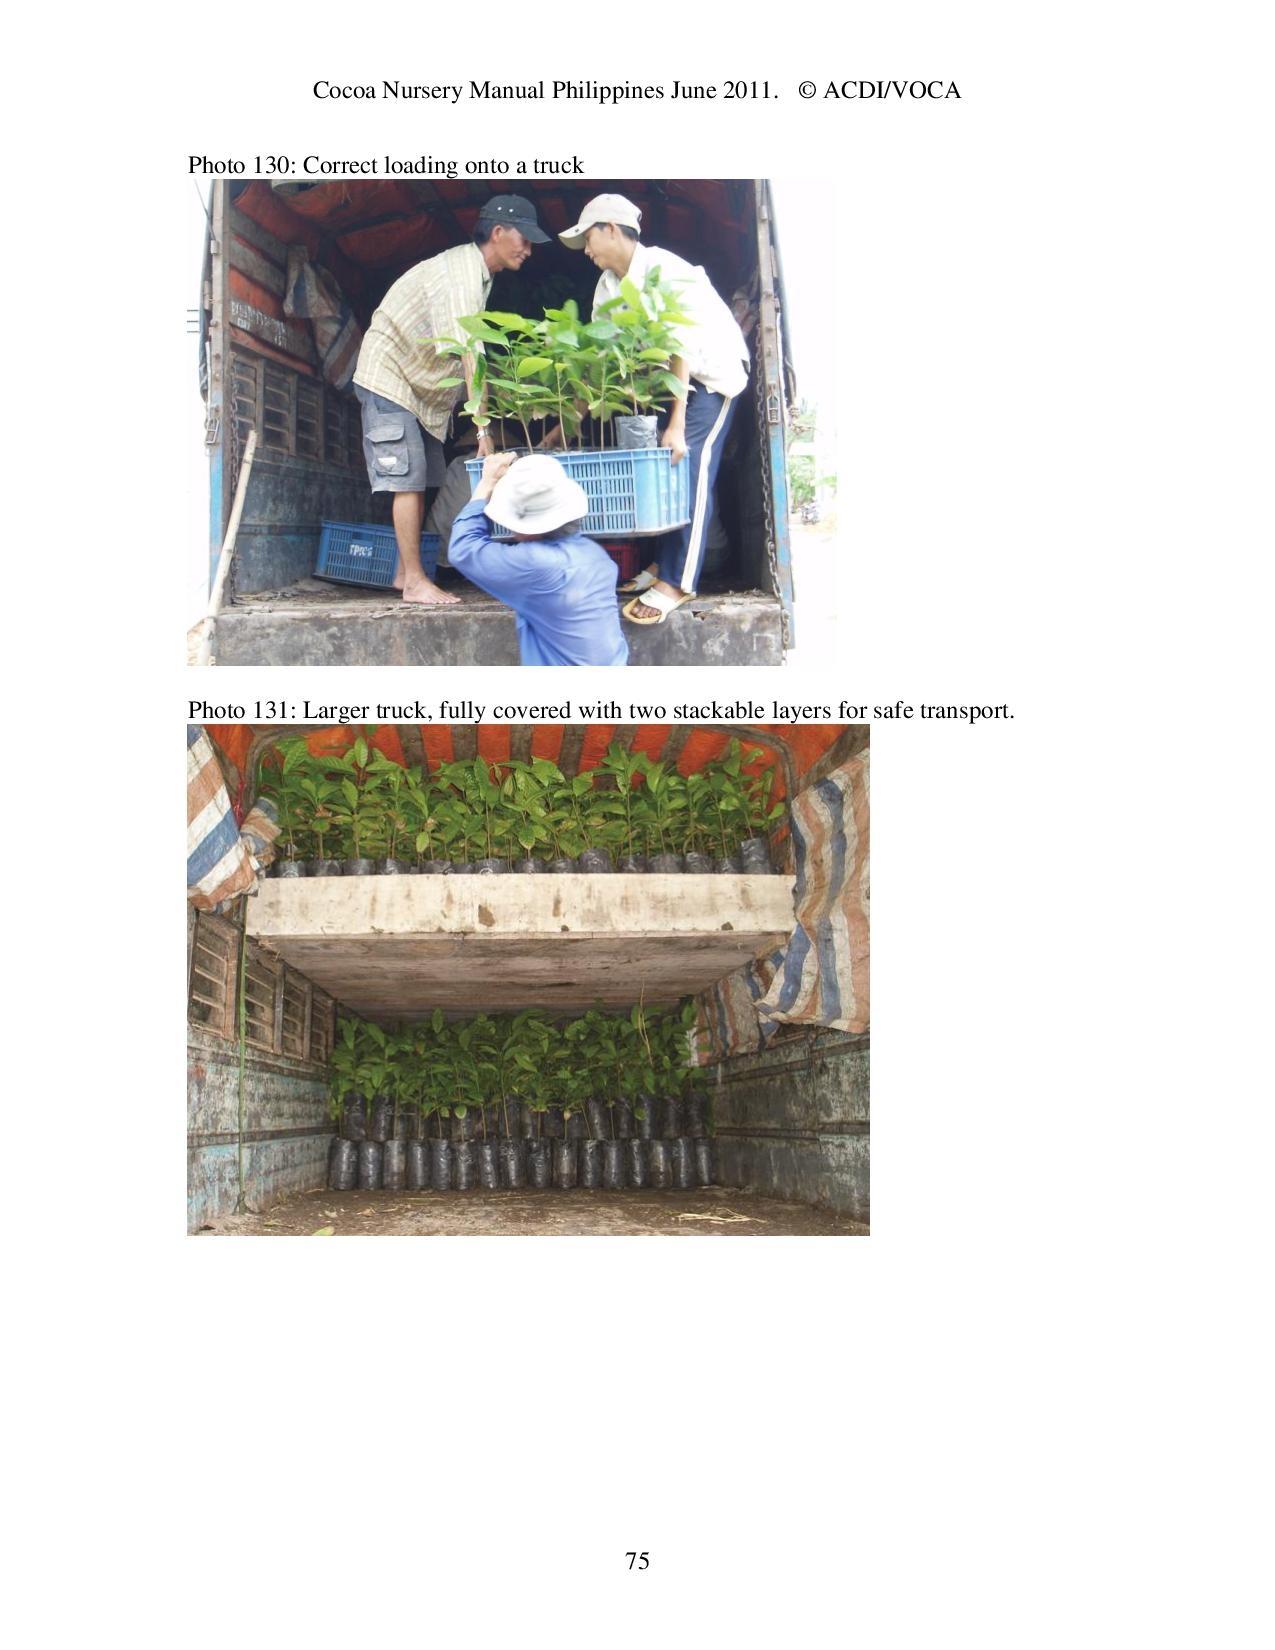 Cocoa-Nursery-Manual-2011_acdi-voca-page-075